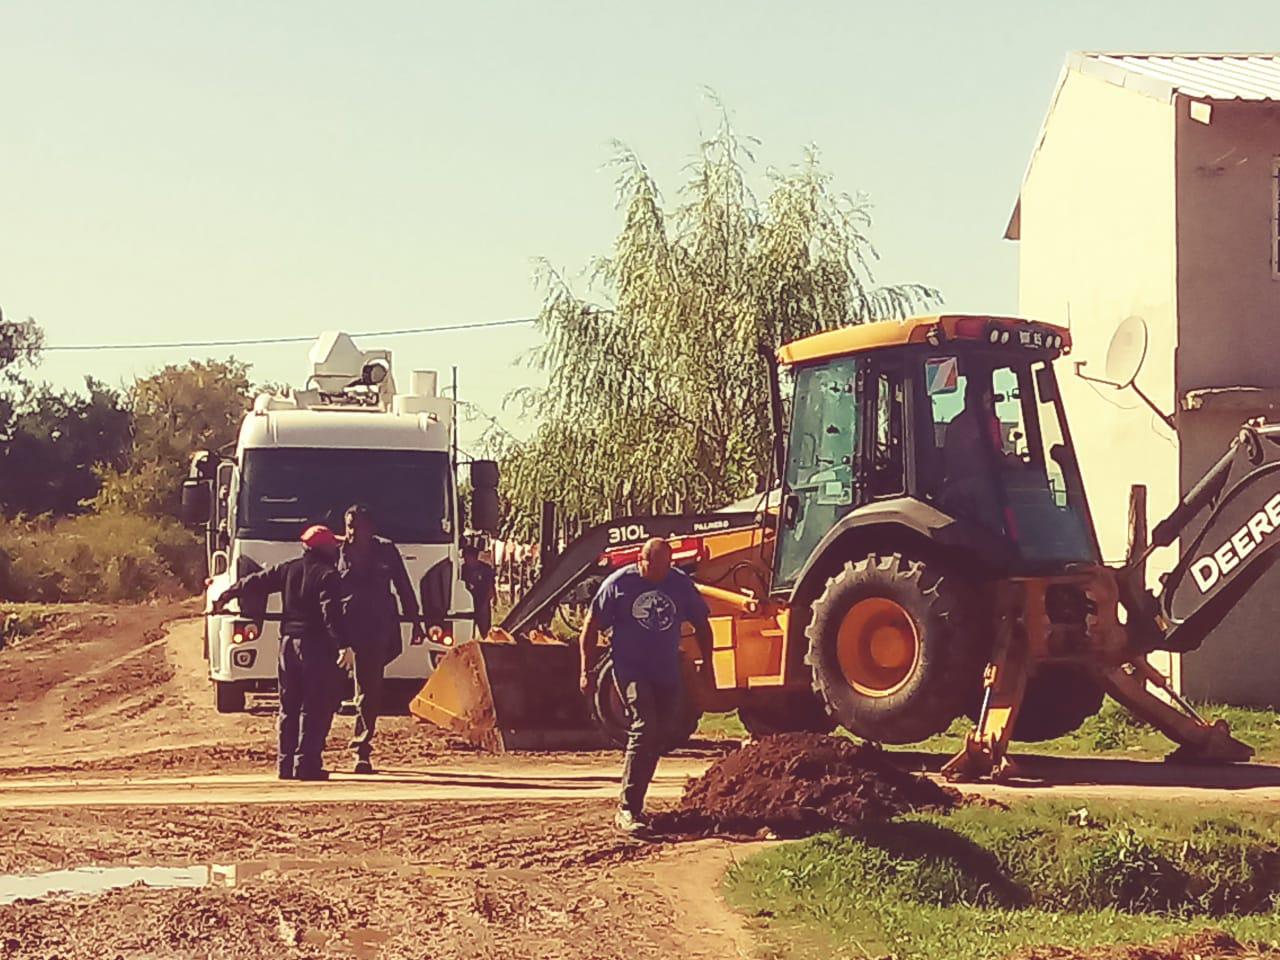 Programa Mi Barrio: zanjeo en el barrio Azcárate y limpieza en María Auxiliadora